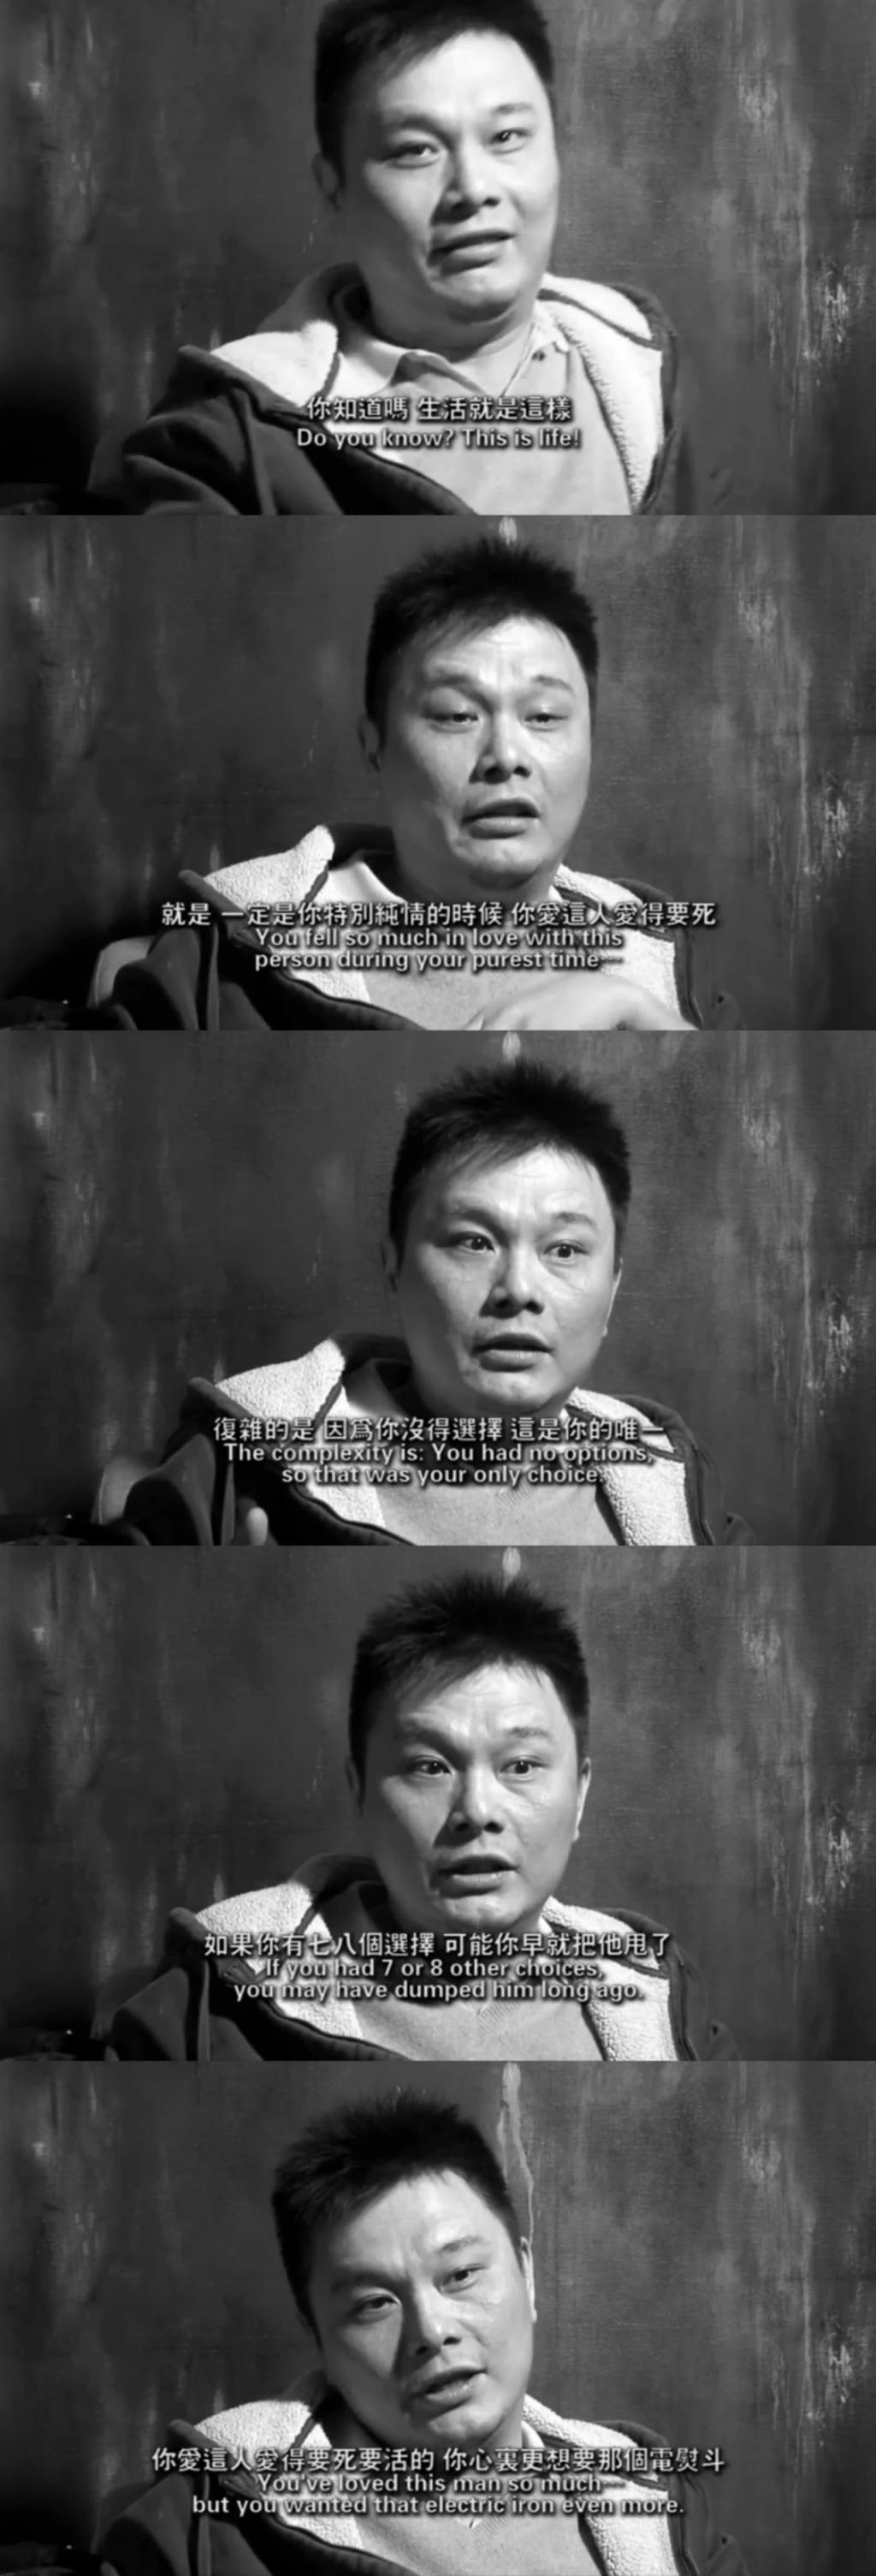 樊其辉:42 岁自杀的他,凭什么如此另类?